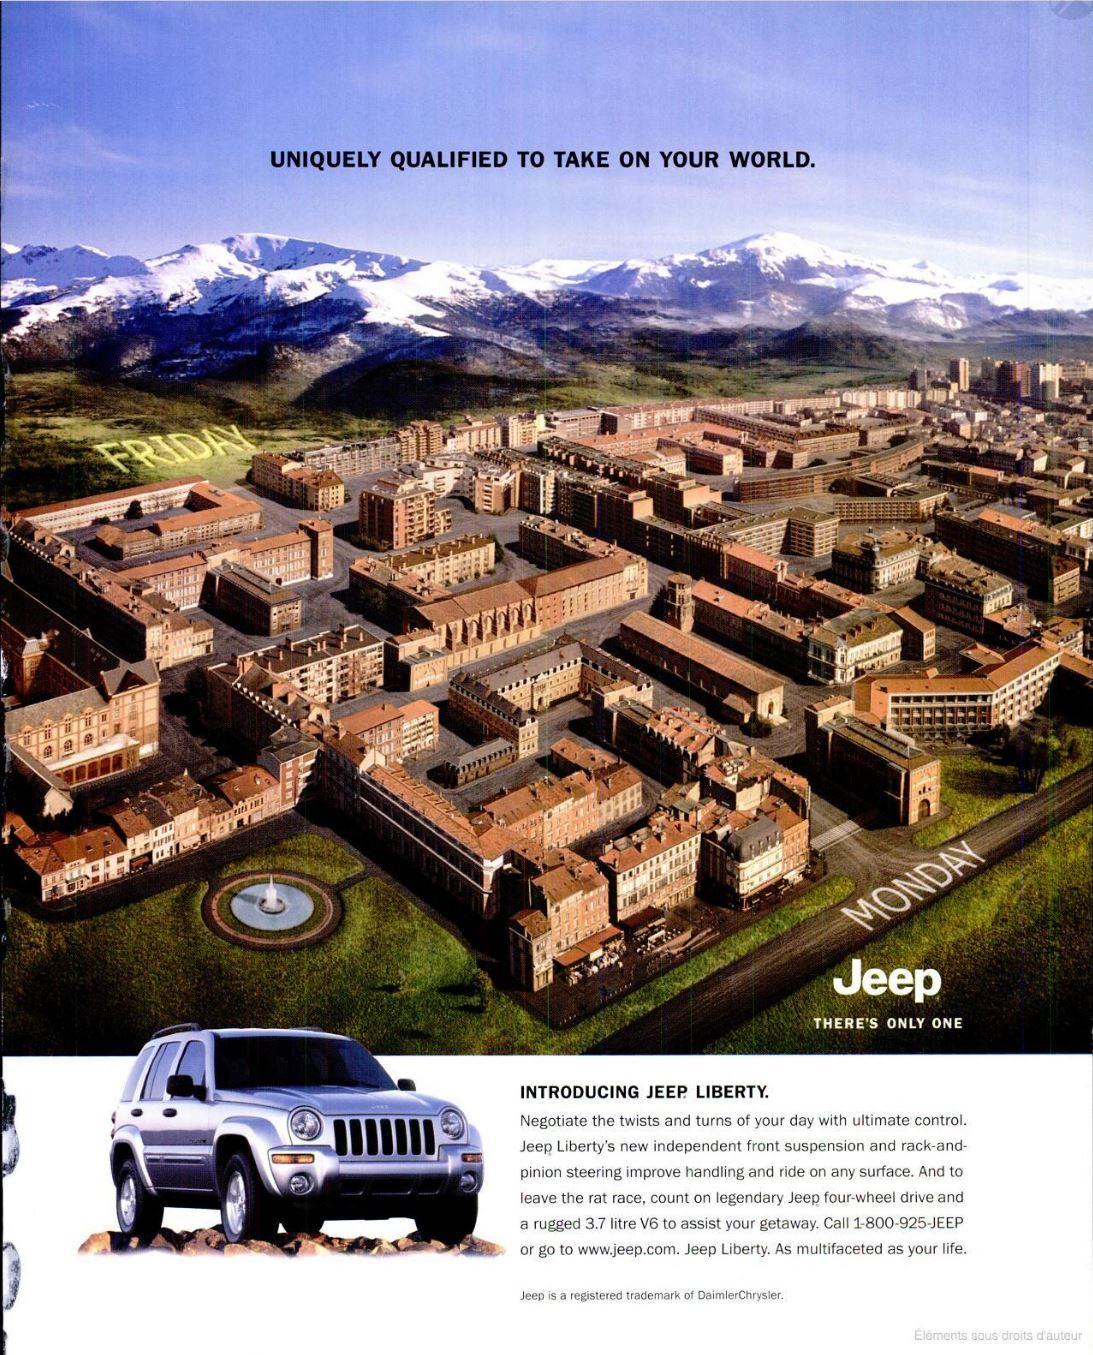 2002 Jeep Liberty Specialement qualifiee pour affronter votre monde monopage